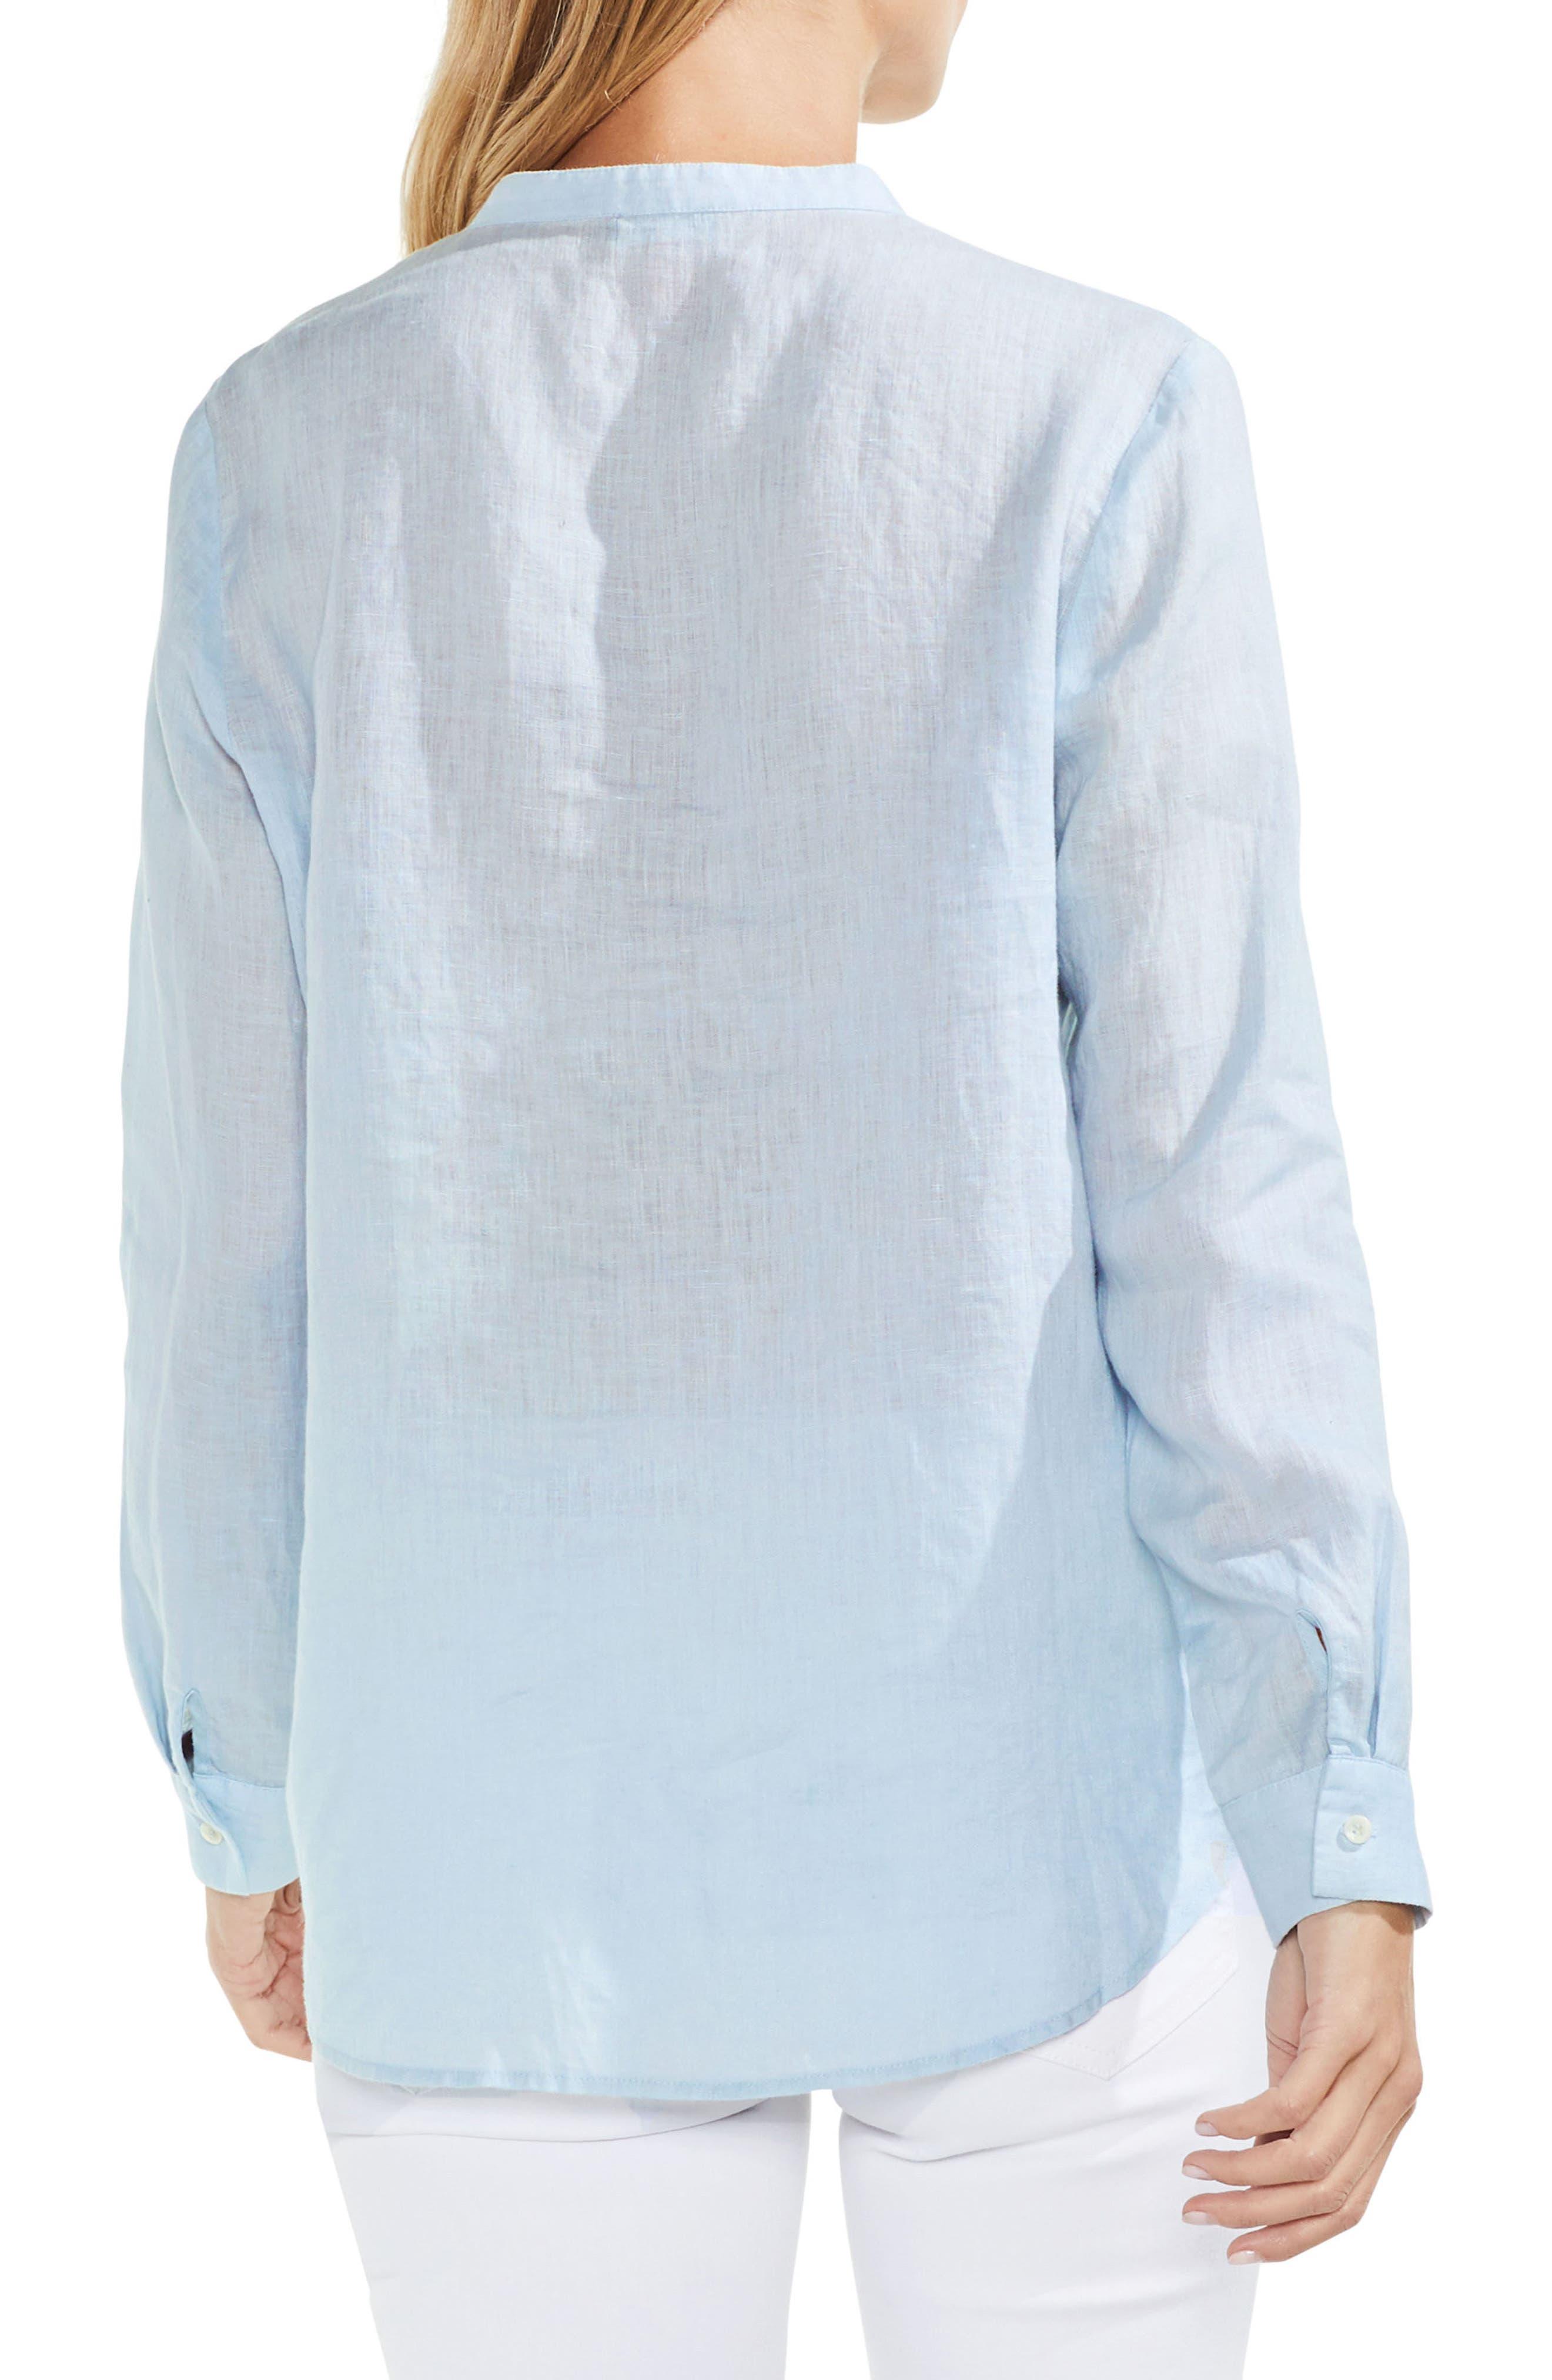 Pintuck Linen Shirt,                             Alternate thumbnail 2, color,                             468